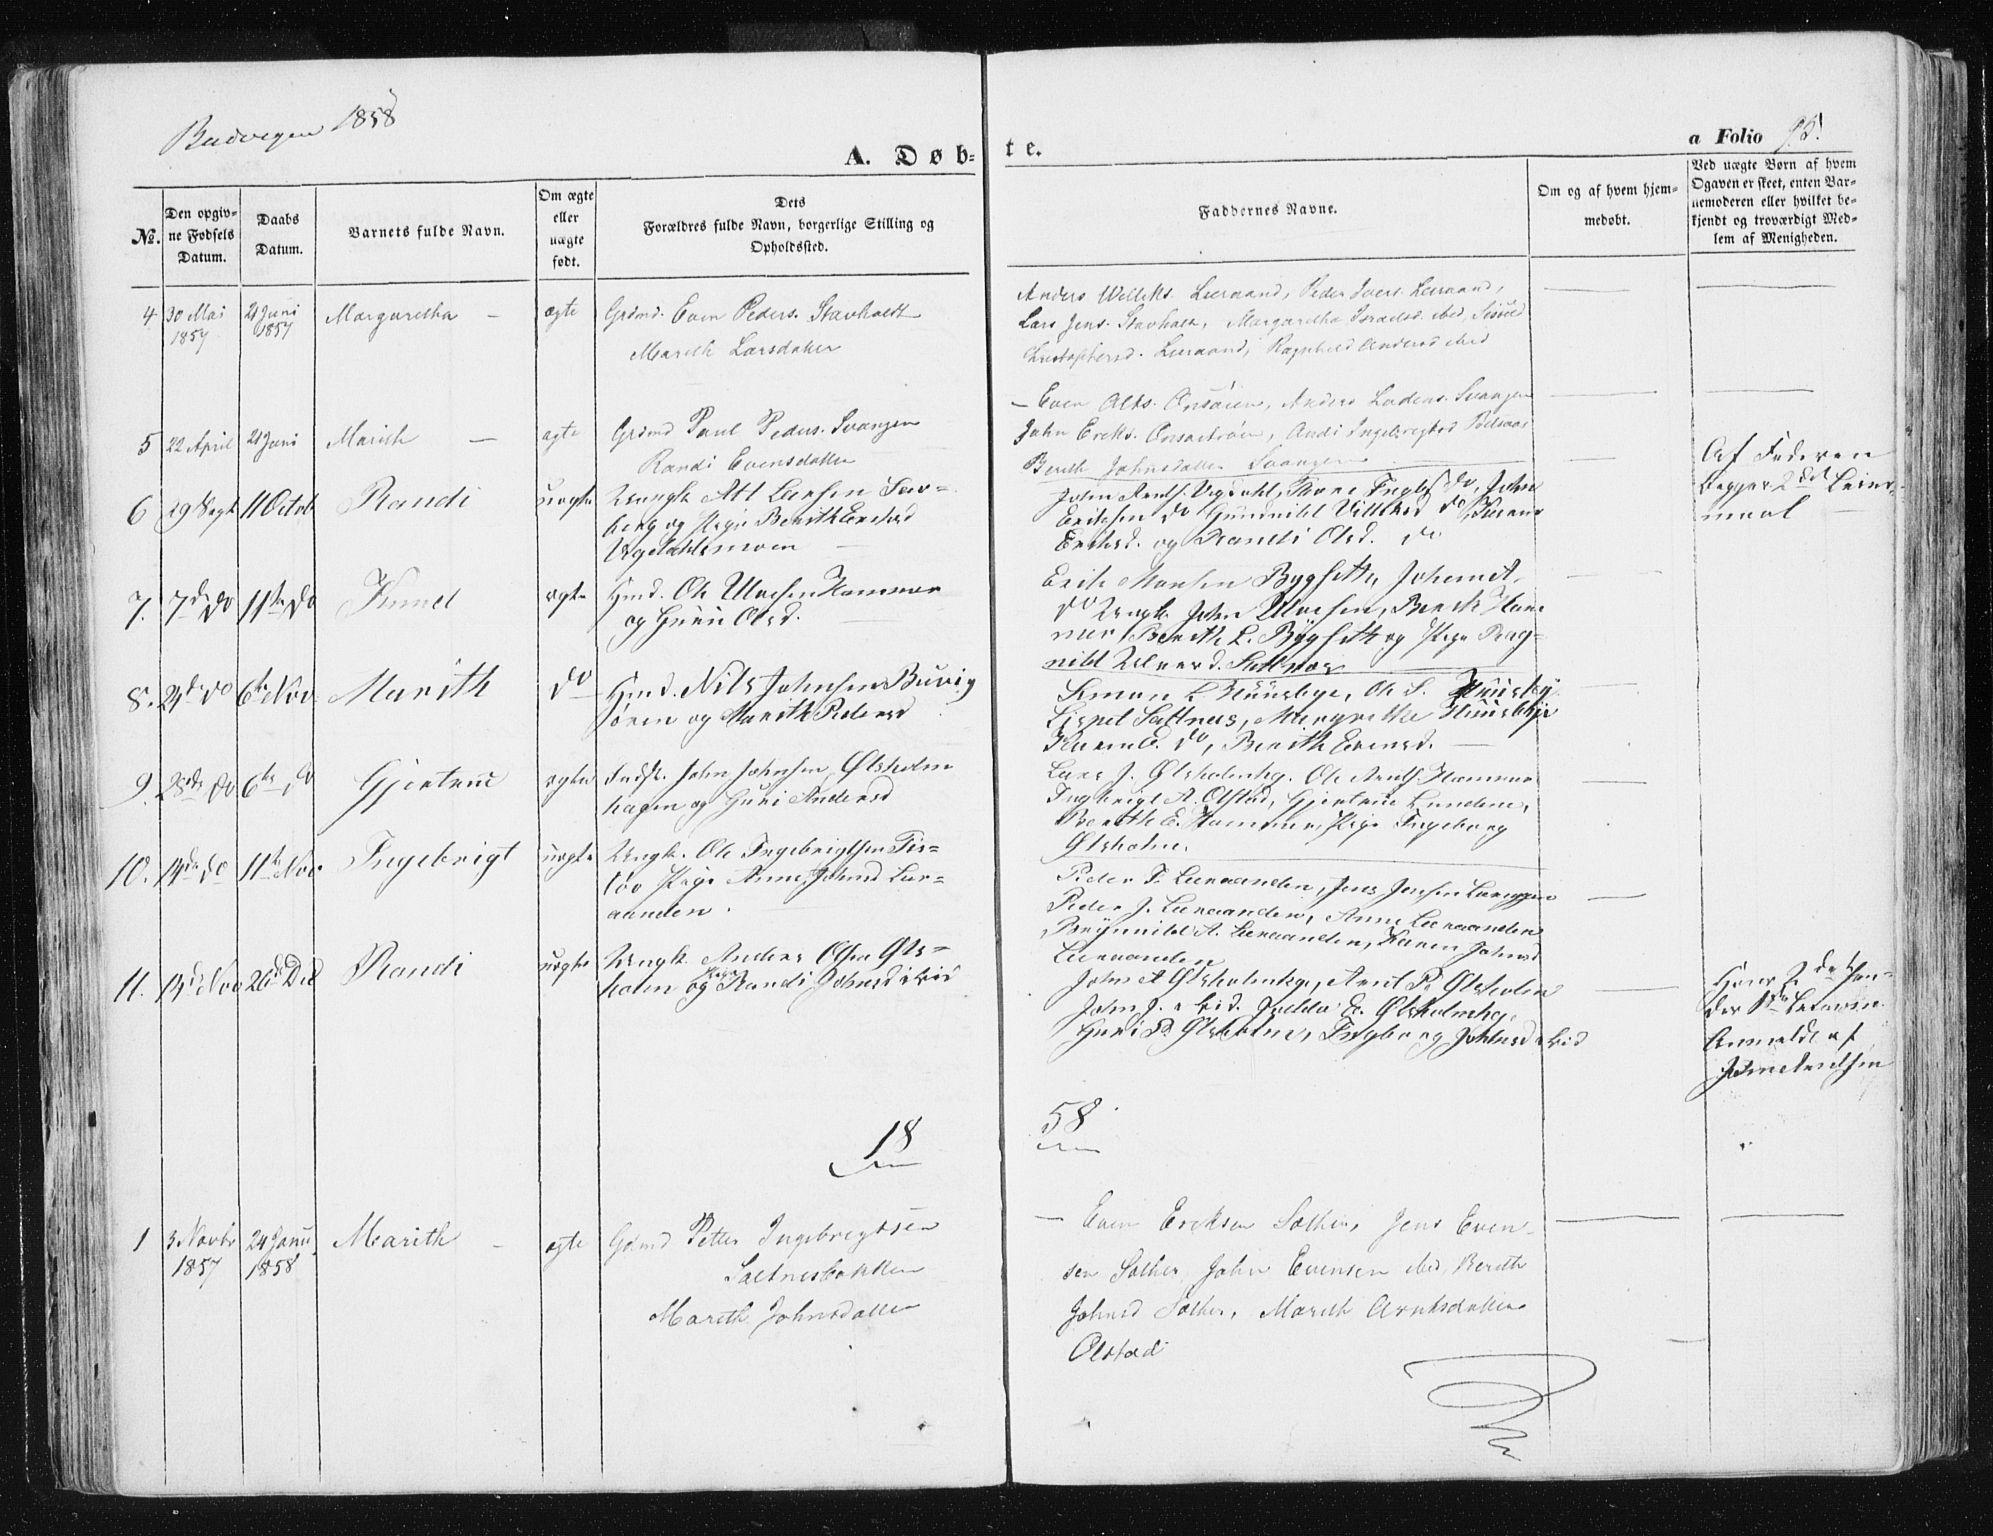 SAT, Ministerialprotokoller, klokkerbøker og fødselsregistre - Sør-Trøndelag, 612/L0376: Ministerialbok nr. 612A08, 1846-1859, s. 95